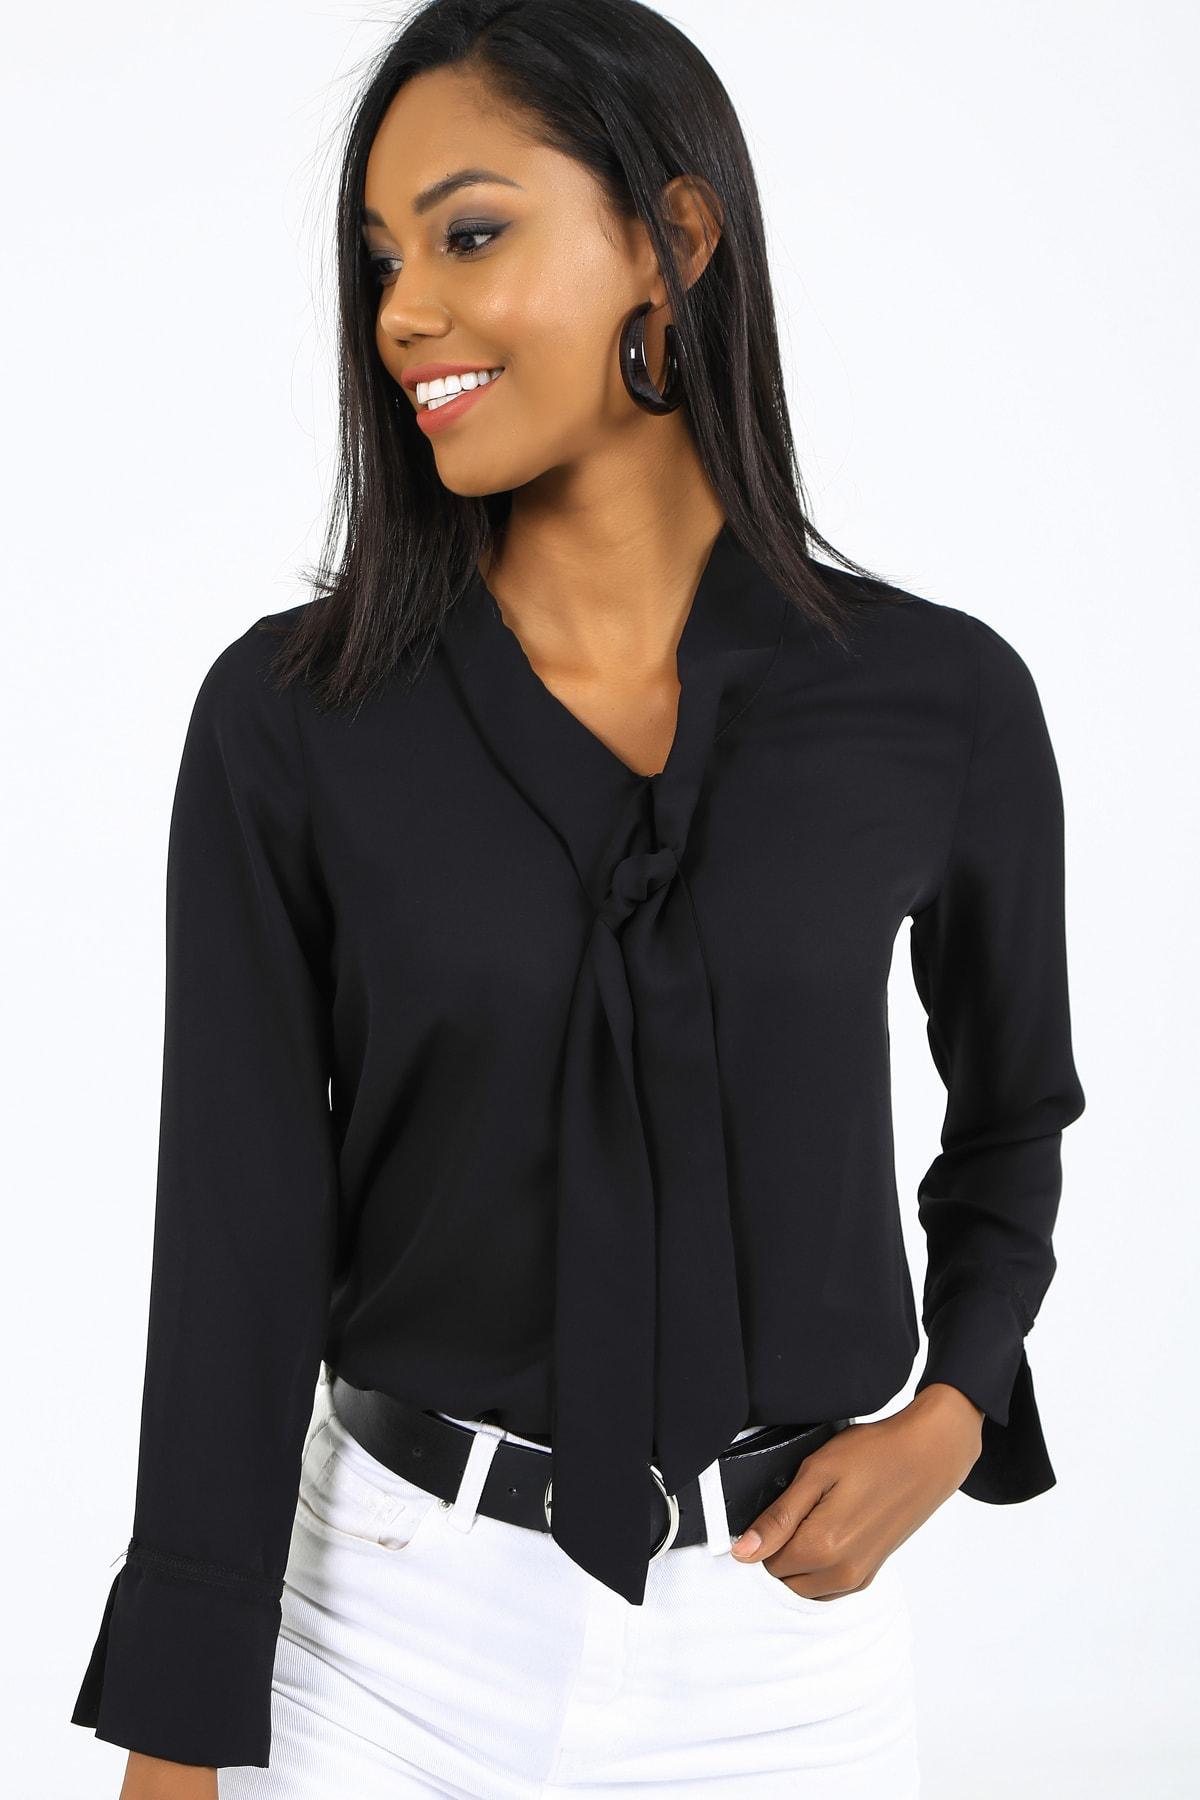 EMJEY Kadın Siyah Önü Bağlamalı Kolları Manşetli Gömlek She020B010059 3